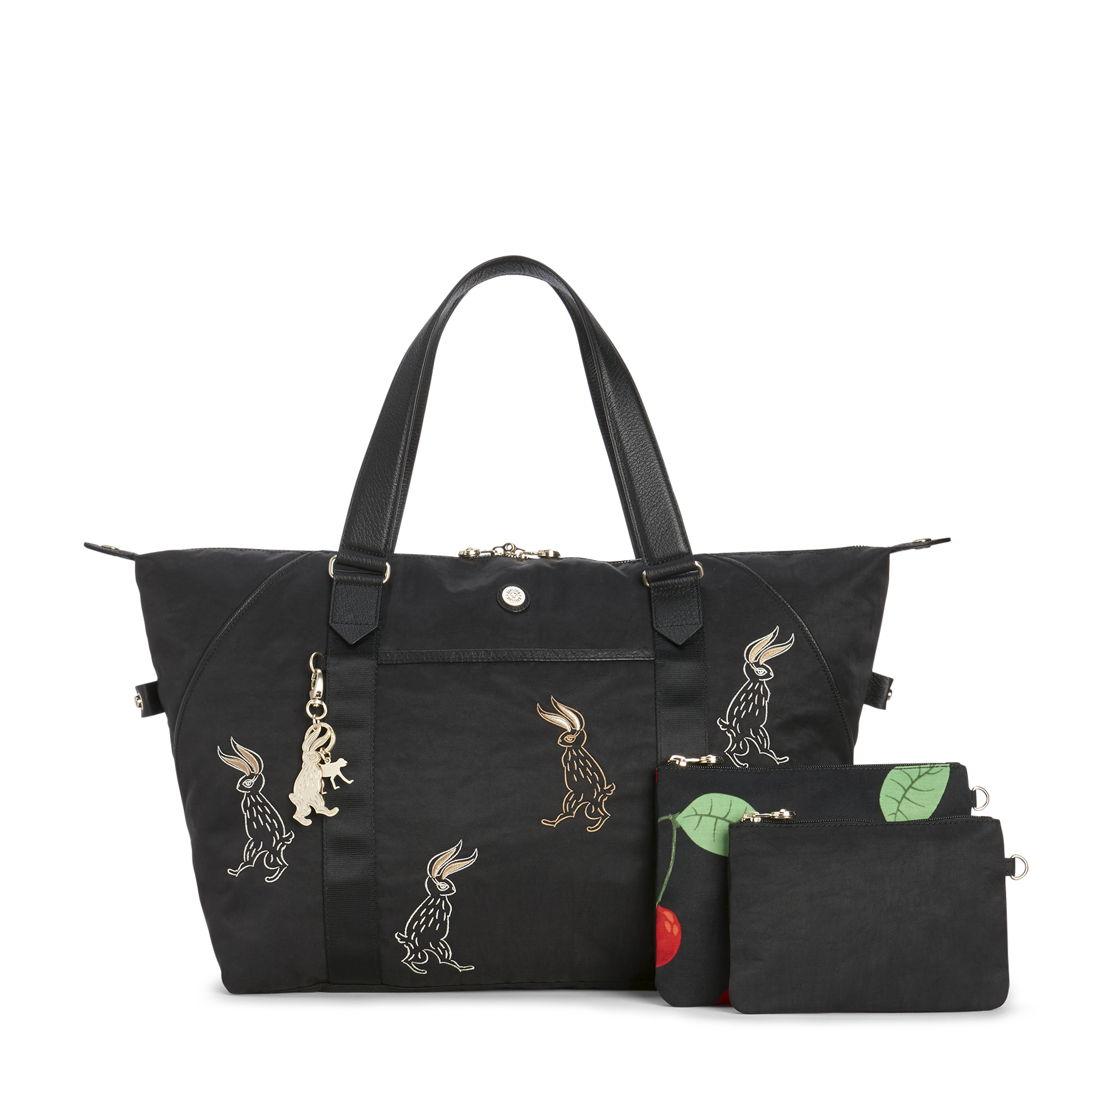 ART M Helen Lee Bunny - £214